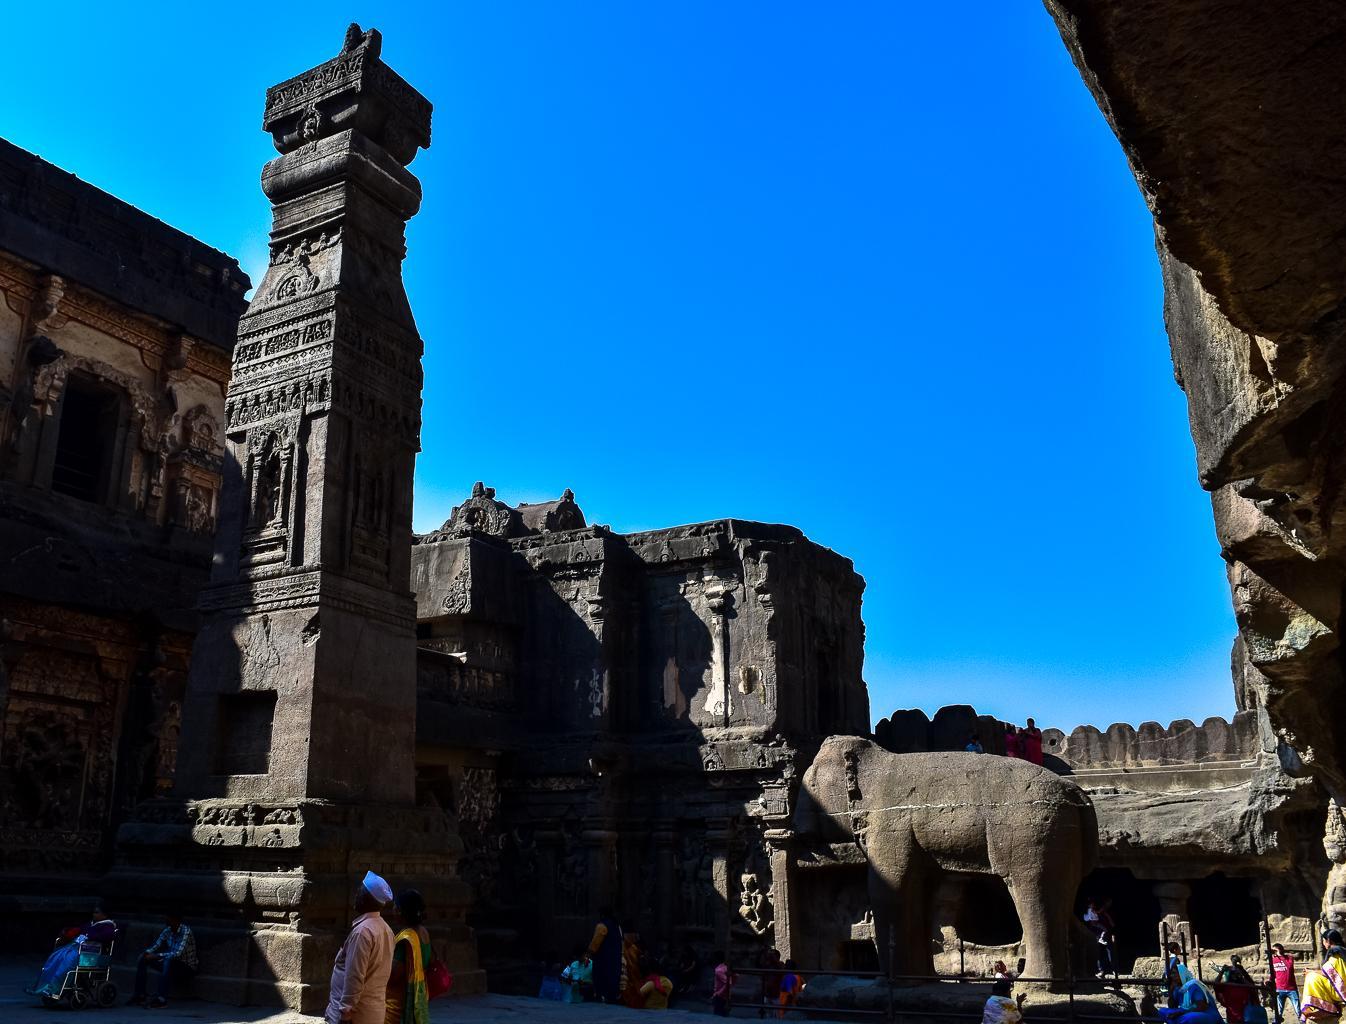 எல்லோரா கைலாசநாதர் கோயில்